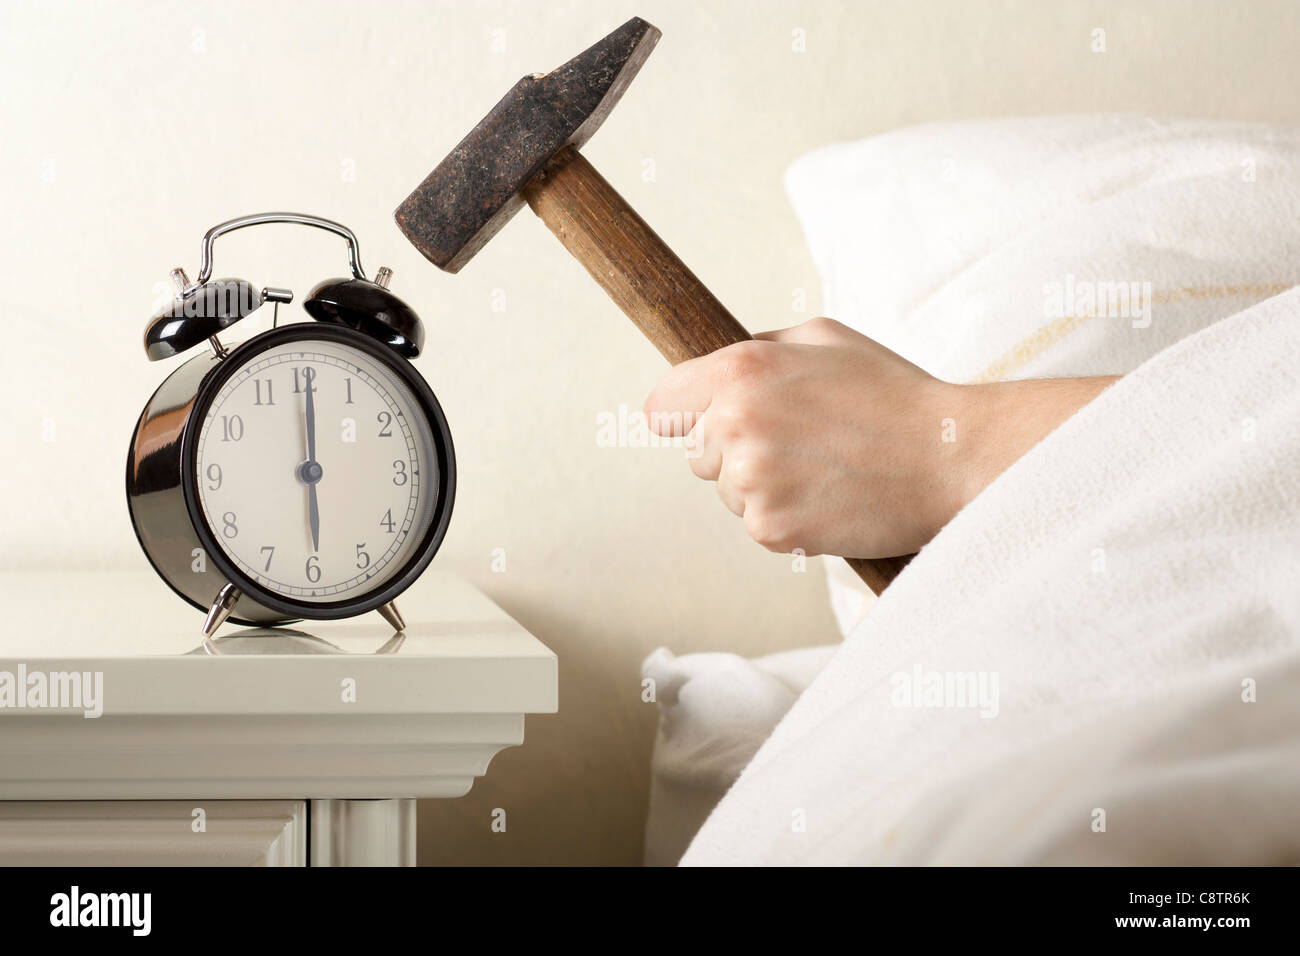 La frantumazione di sveglia con martello Immagini Stock